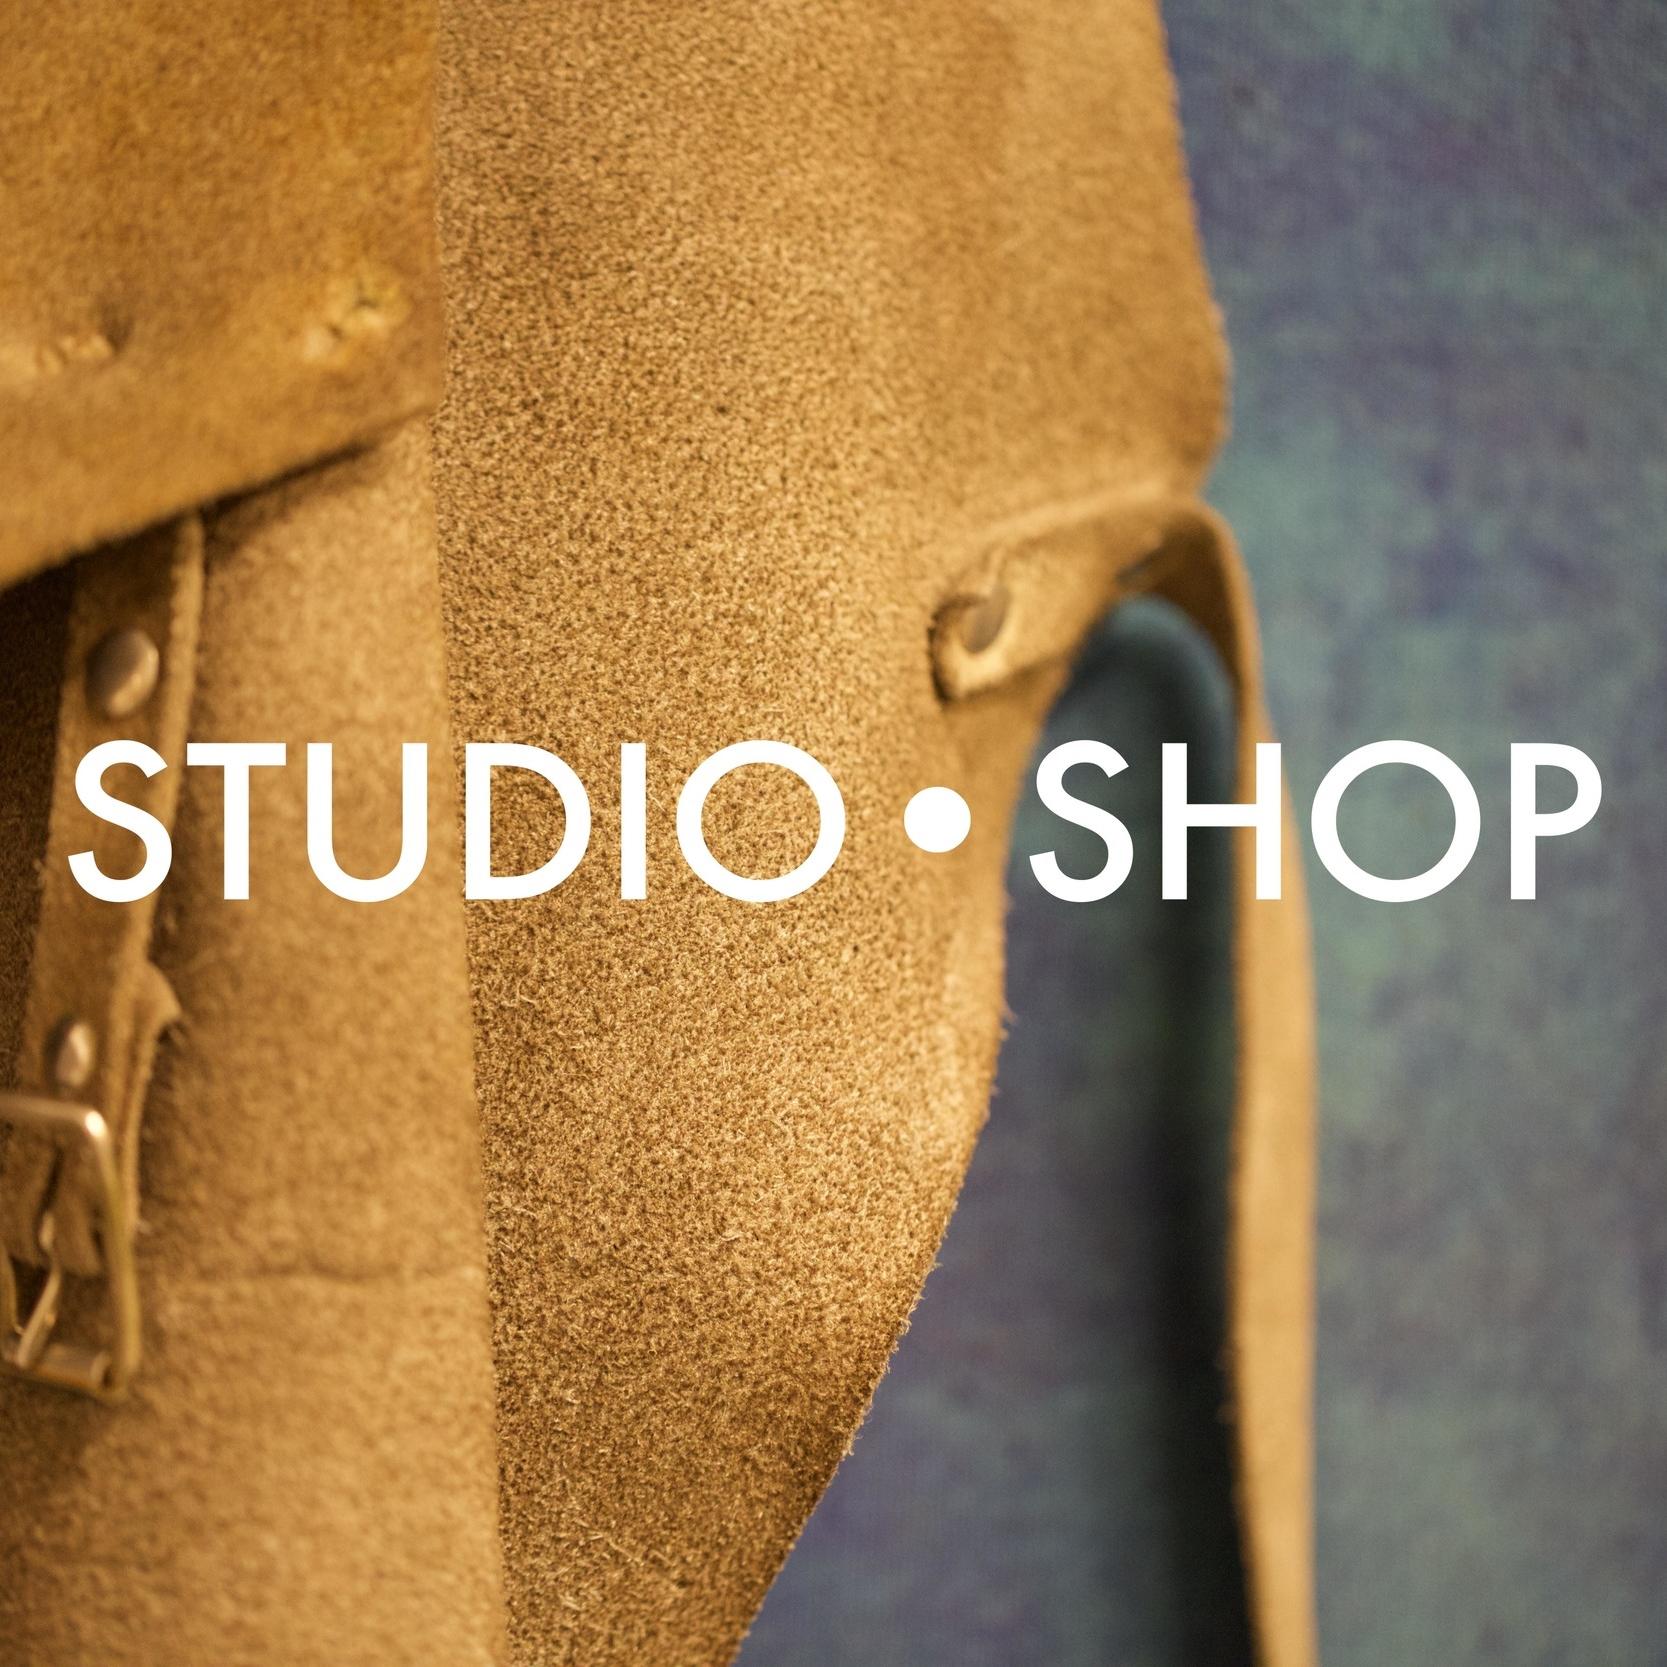 Studio-Shop.jpg